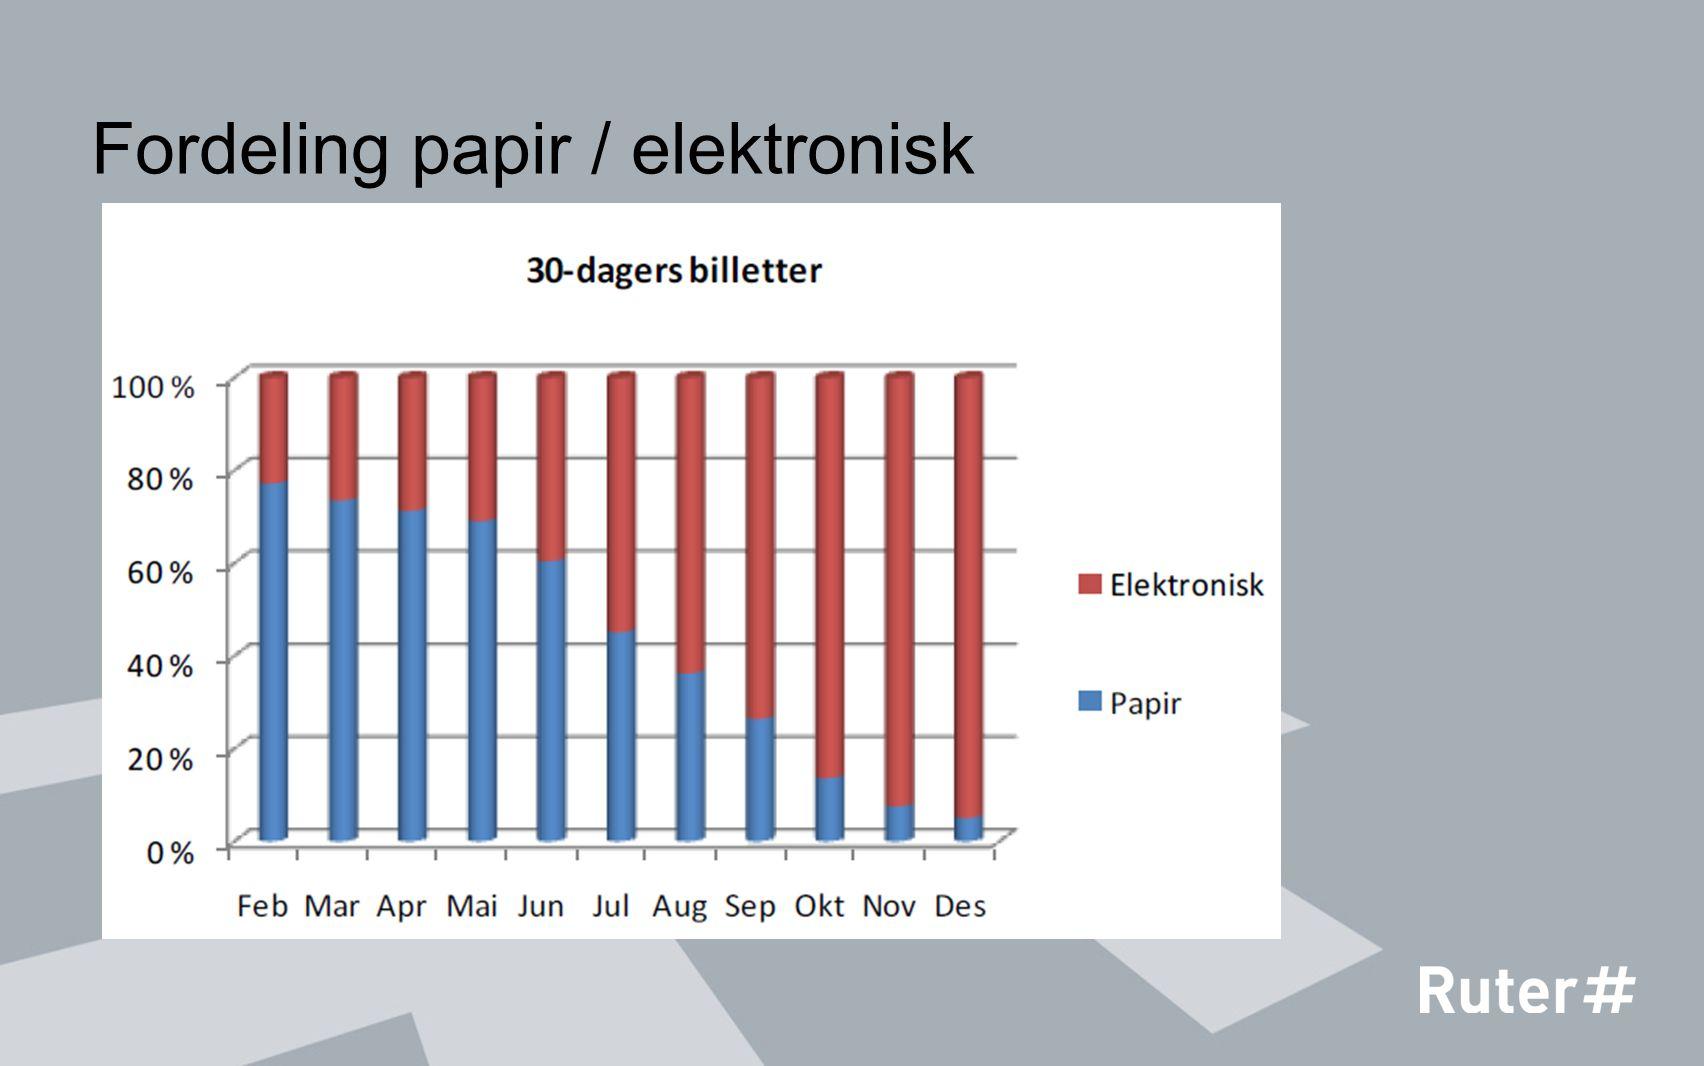 Fordeling papir / elektronisk